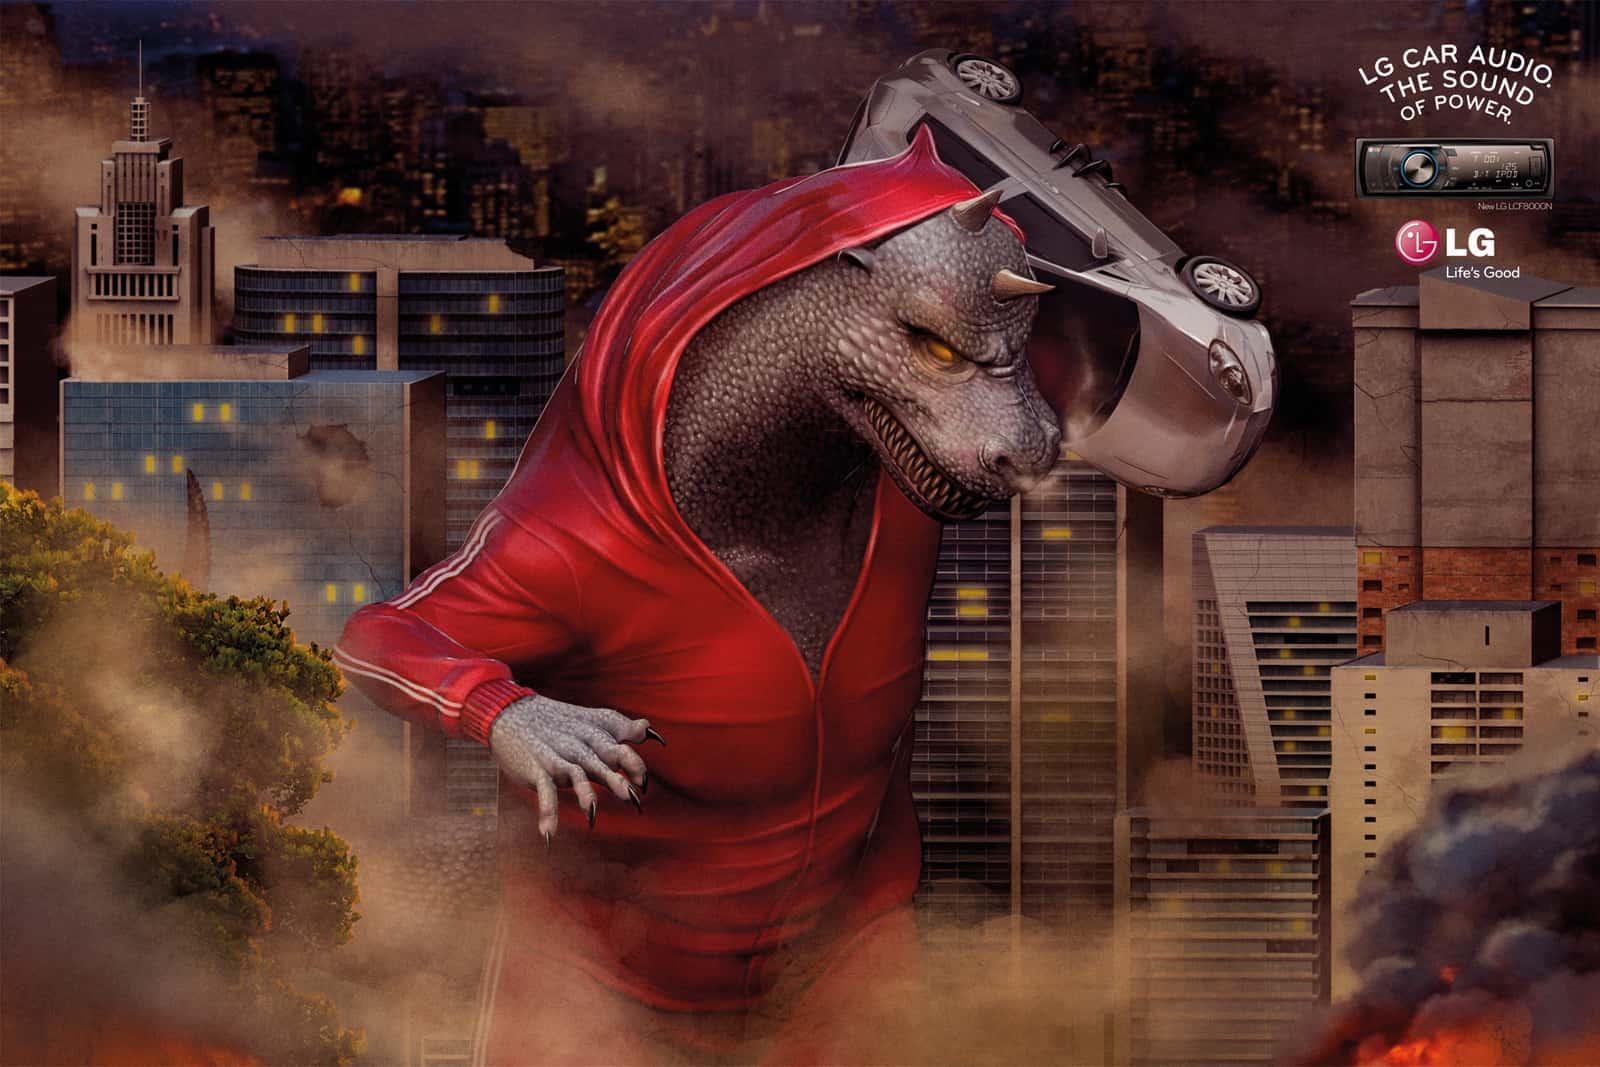 Pub LG Godzilla